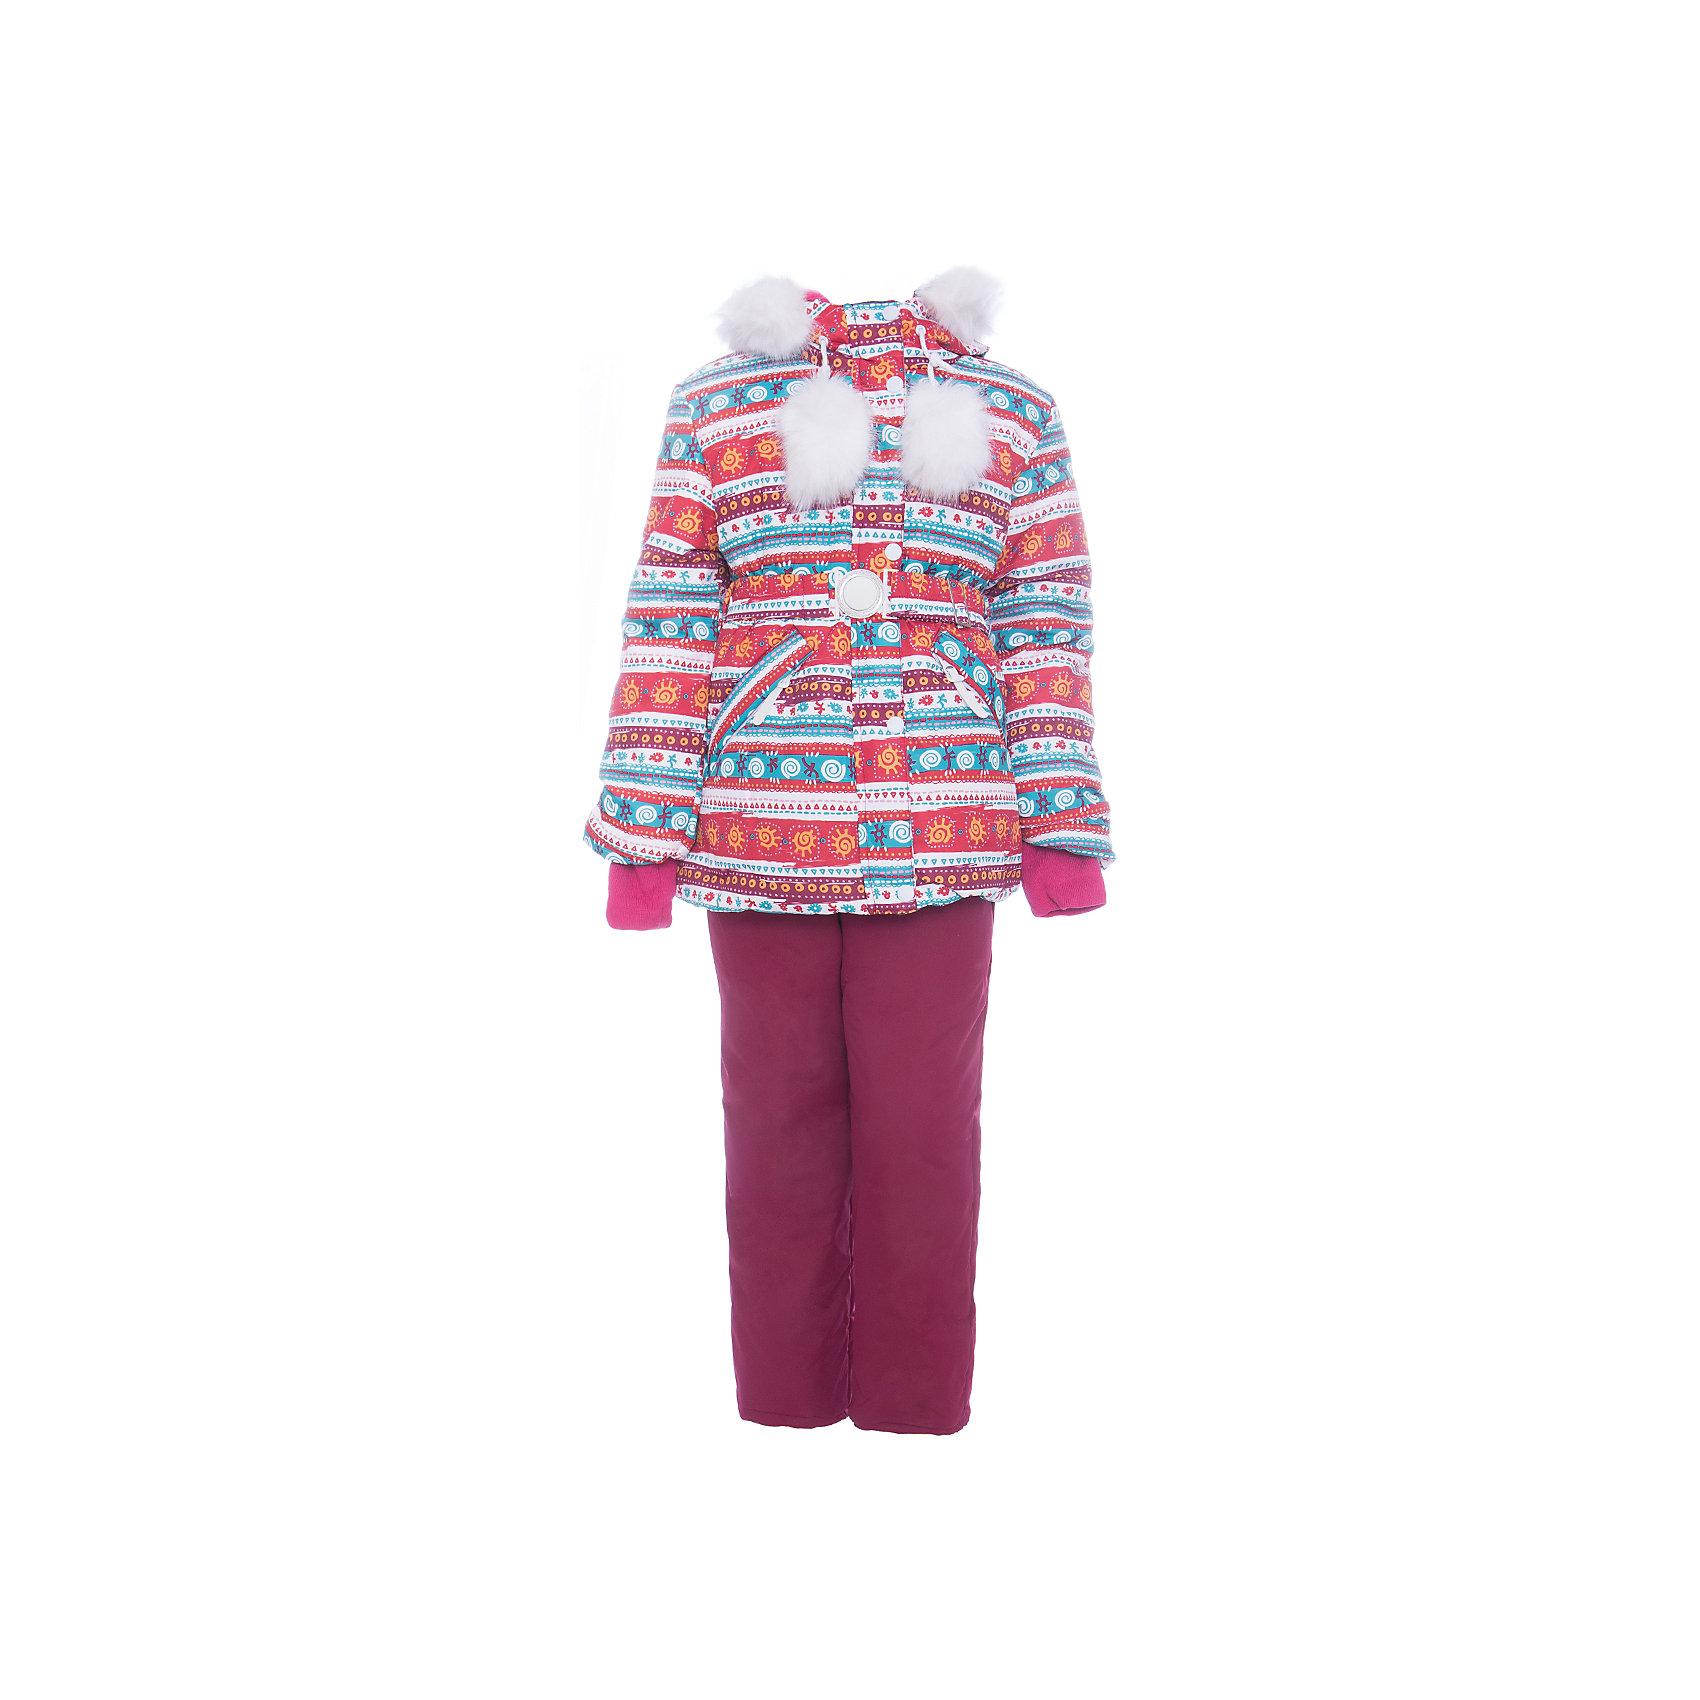 Комплект: куртка и полукомбенизон Майя Batik для девочкиВерхняя одежда<br>Характеристики товара:<br><br>• цвет: белый<br>• комплектация: куртка и полукомбинезон <br>• состав ткани: таслан<br>• подкладка: поларфлис<br>• утеплитель: слайтекс, синтепон <br>• сезон: зима<br>• мембранное покрытие<br>• температурный режим: от -35 до 0<br>• водонепроницаемость: 5000 мм <br>• паропроницаемость: 5000 г/м2<br>• плотность утеплителя: куртка - 350 г/м2, полукомбинезон - 200 г/м2<br>• застежка: молния<br>• капюшон: с мехом, отстегивается<br>• встроенный термодатчик<br>• страна бренда: Россия<br>• страна изготовитель: Россия<br><br>Этот мембранный комплект для девочки дополнен снегозащитными манжетами внутри рукавов и брючин. Зимний комплект подходит и для морозной и сырой погоды. Материал детской зимней куртки и полукомбинезона надежно защитит от холода и ветра. Мягкая подкладка детского комплекта для зимы приятна на ощупь.<br><br>Комплект: куртка и полукомбинезон Майя Batik (Батик) для девочки можно купить в нашем интернет-магазине.<br><br>Ширина мм: 356<br>Глубина мм: 10<br>Высота мм: 245<br>Вес г: 519<br>Цвет: белый<br>Возраст от месяцев: 36<br>Возраст до месяцев: 48<br>Пол: Женский<br>Возраст: Детский<br>Размер: 104,86,92,98<br>SKU: 7028194